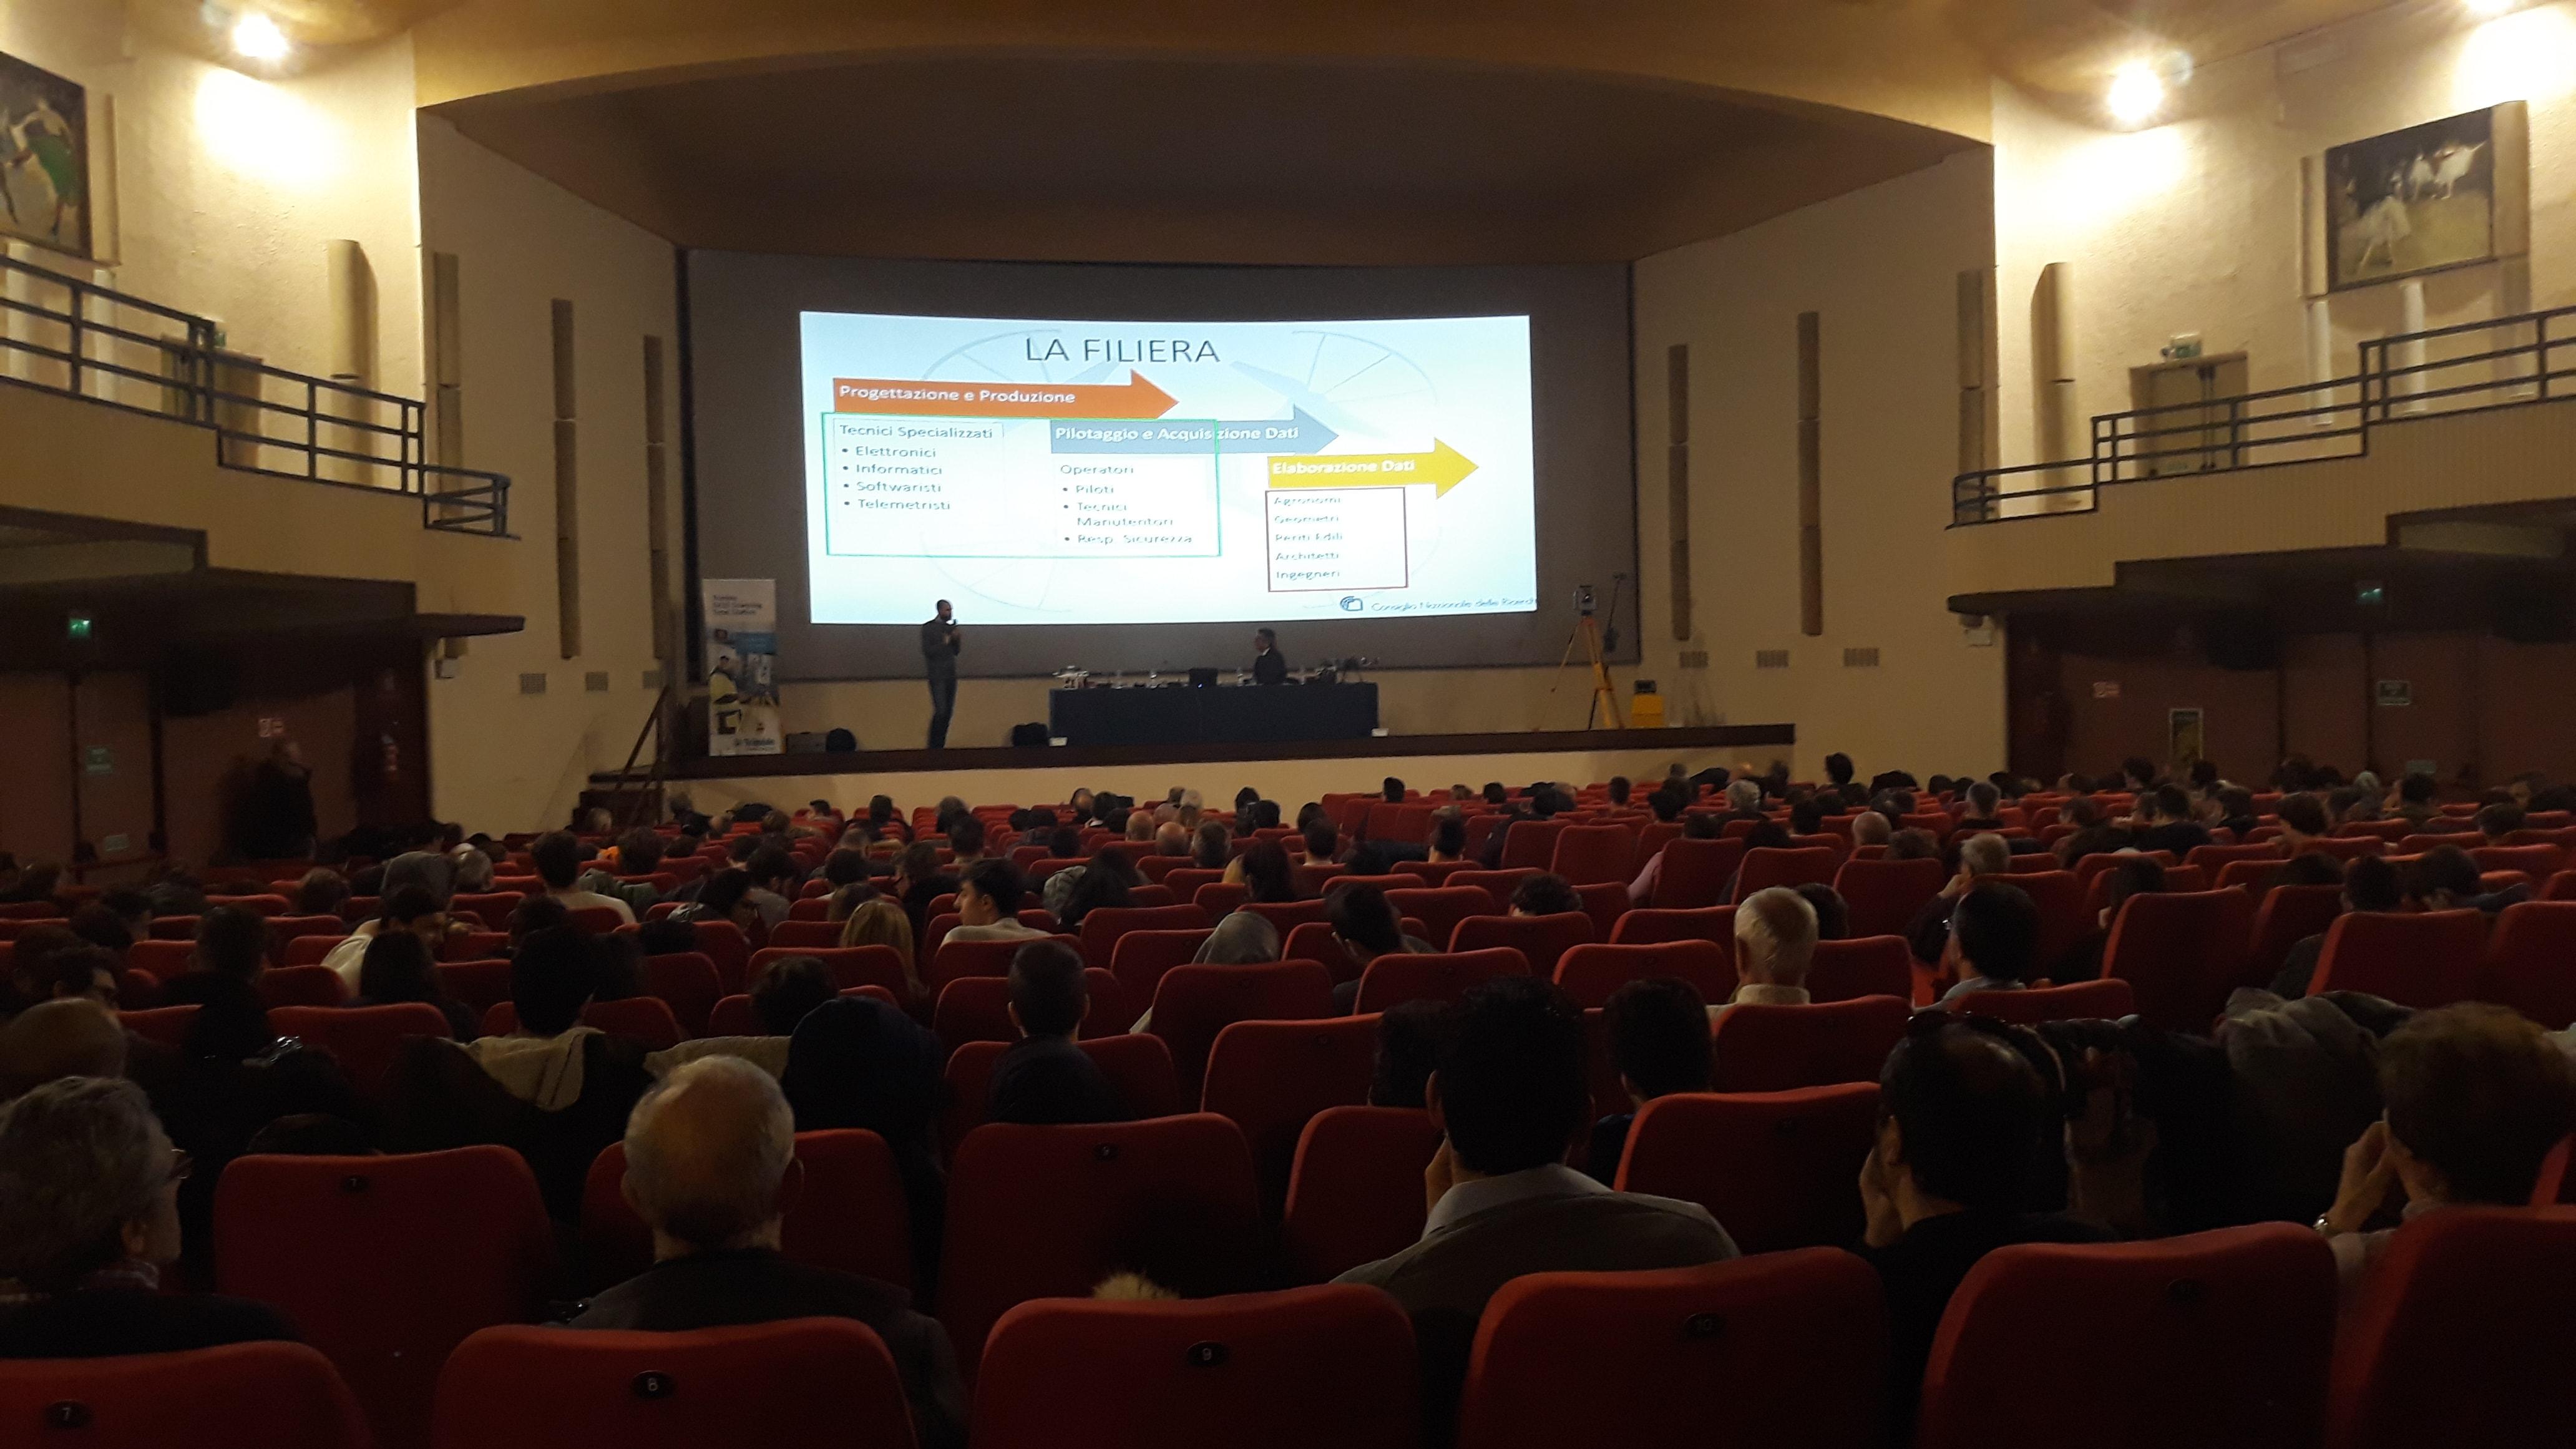 Zefiro Ricerca& Innovazione al Workshop: RILIEVOLANDO: PRESENTE E FUTURO NEI RILIEVI TOPOGRAFICI organizzato dal Collegio dei Geometri della Provincia di Lucca in collaborazione con il CNR di Pisa